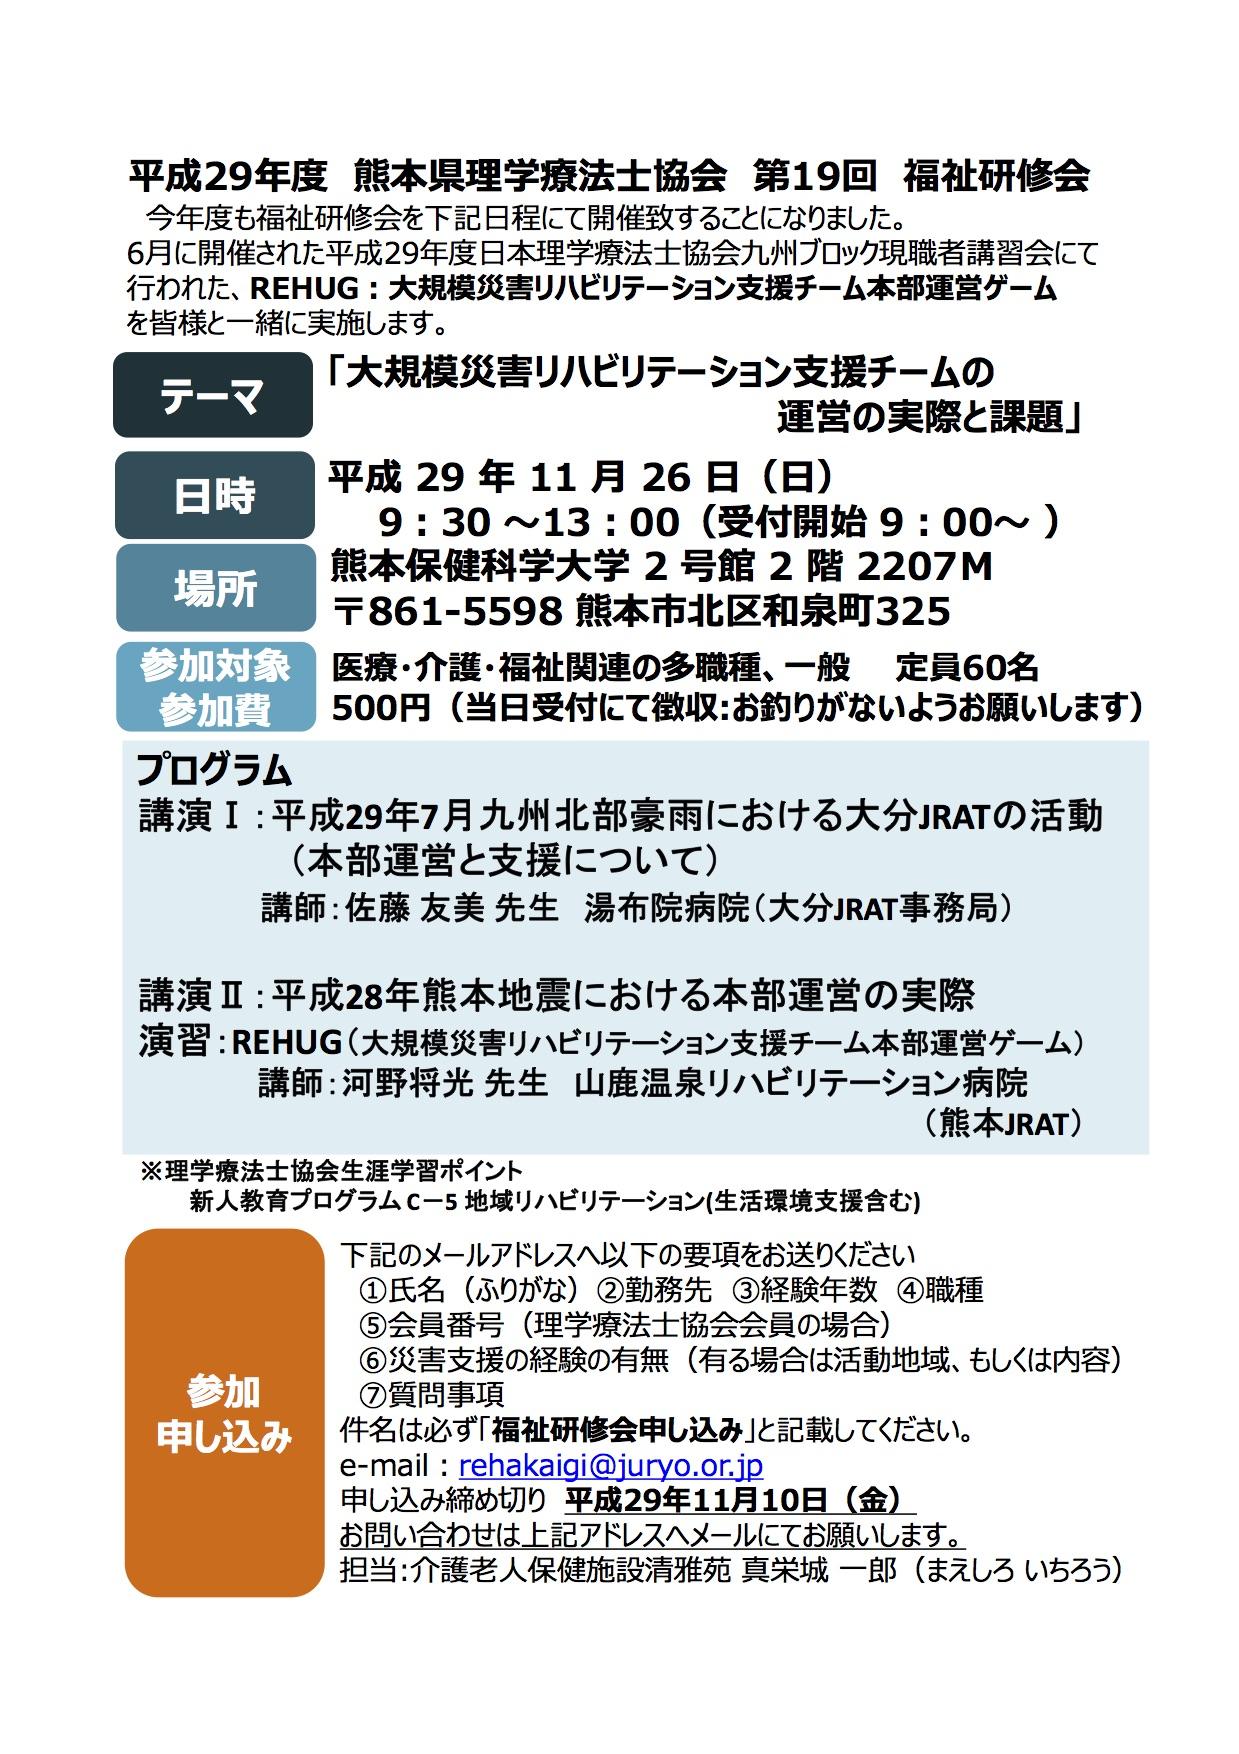 平成29年度 熊本県理学療法士協会 第19回 福祉研究会